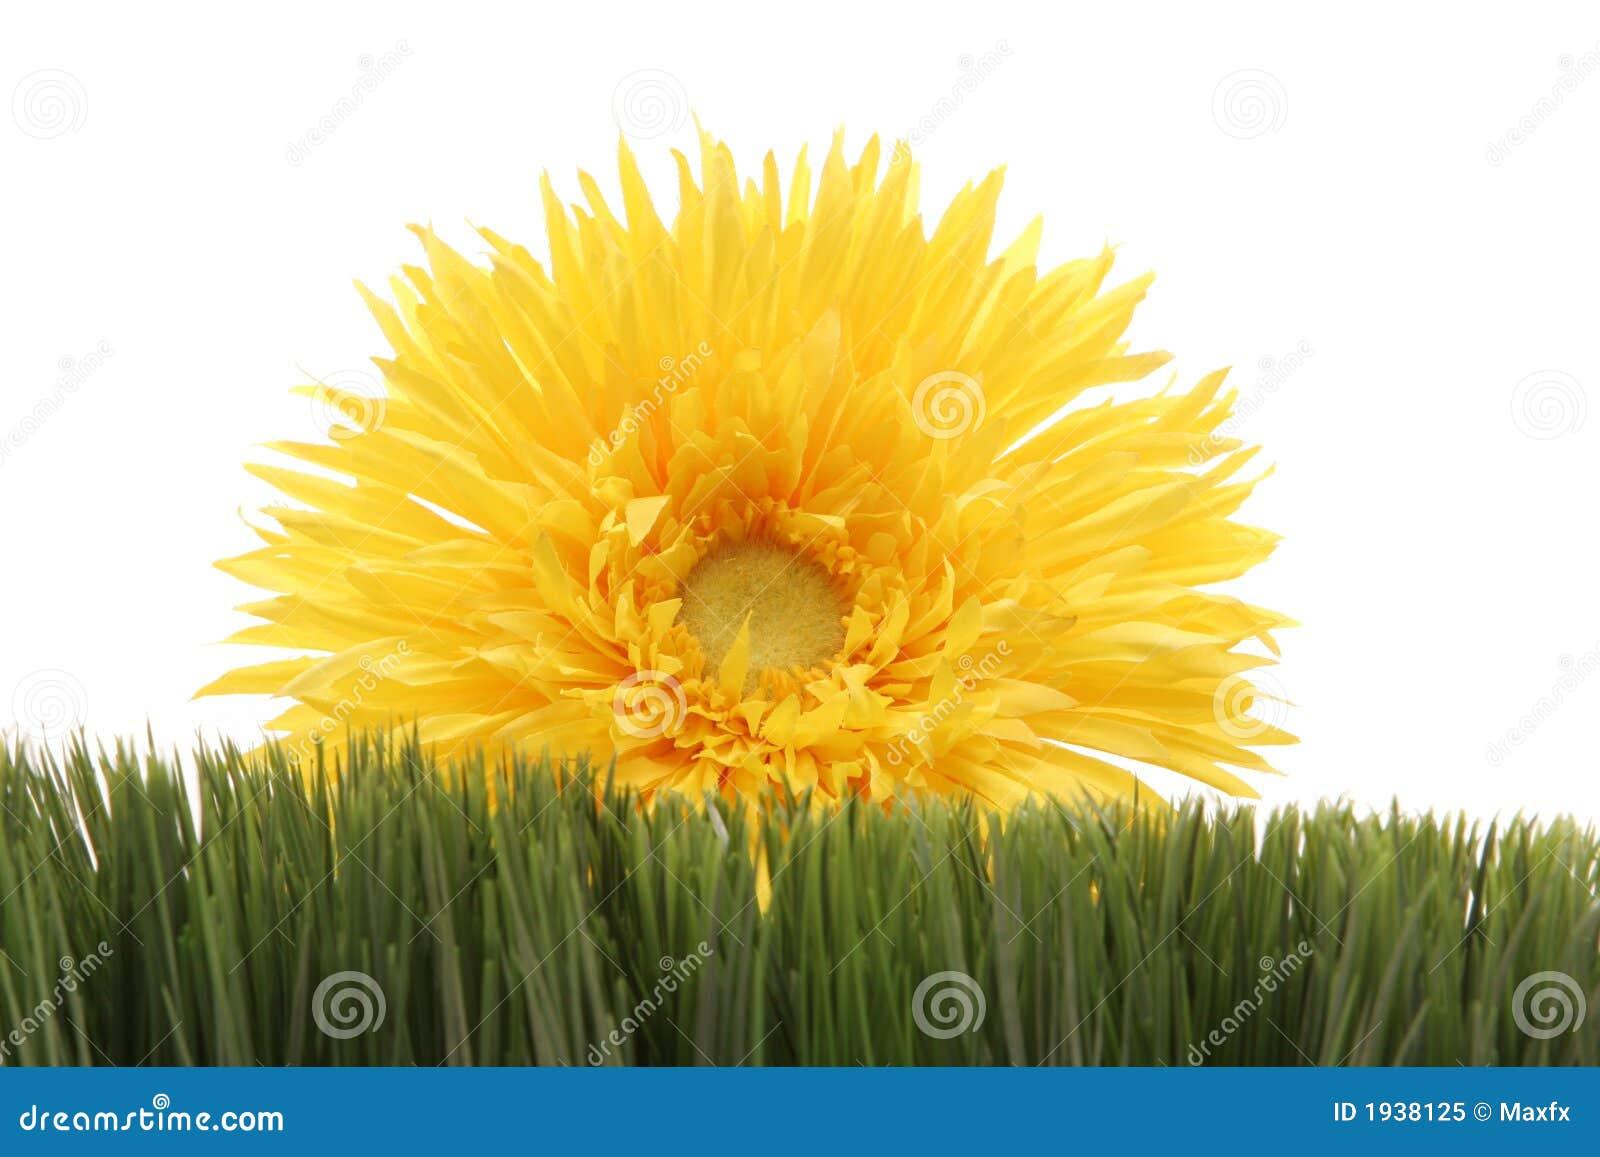 Margaritas De Colores En La Hierba 30995: Margarita Amarilla Hermosa En La Hierba Verde Aislada En